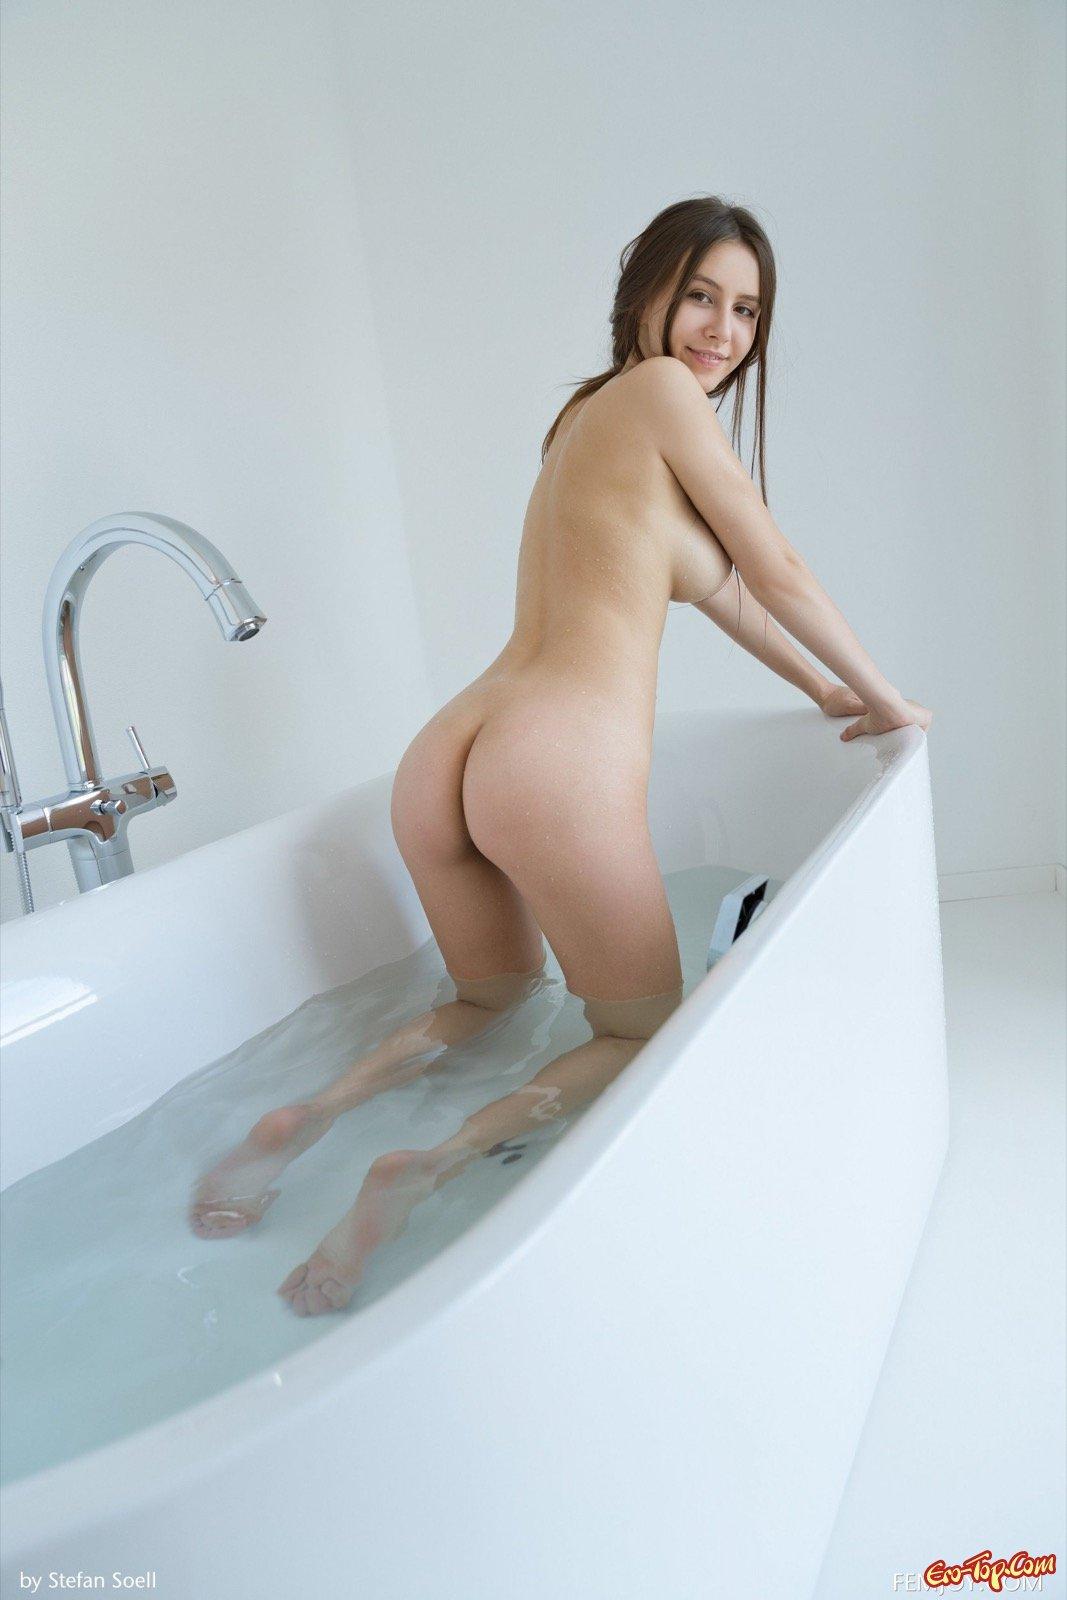 Обнаженная красавица с огромными буферами купается в душе